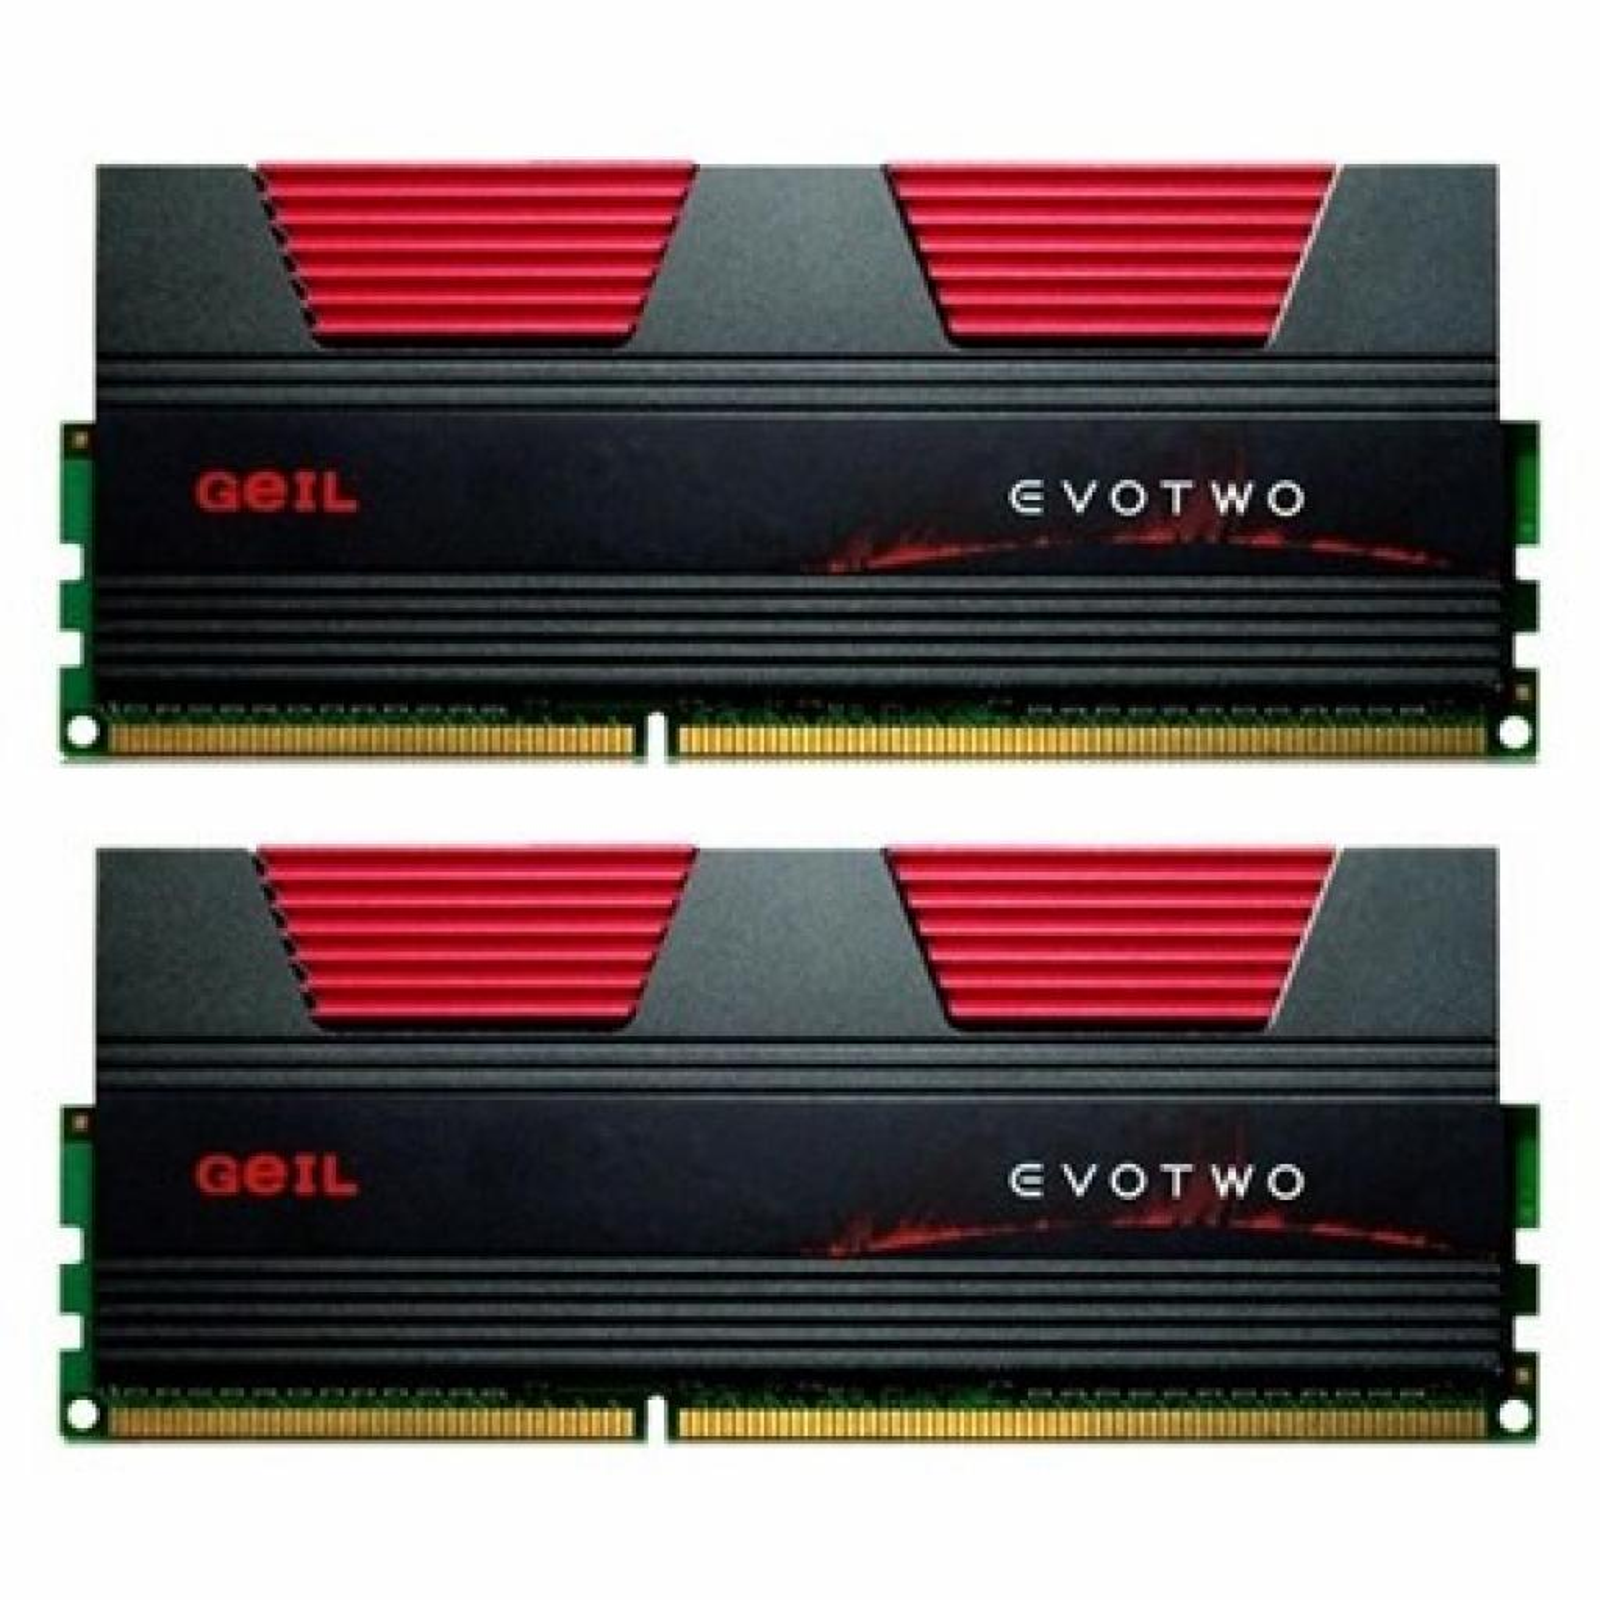 Модуль памяти для компьютера DDR3 16GB (2x8GB) 1600 MHz GEIL (GET316GB1600C10DC)